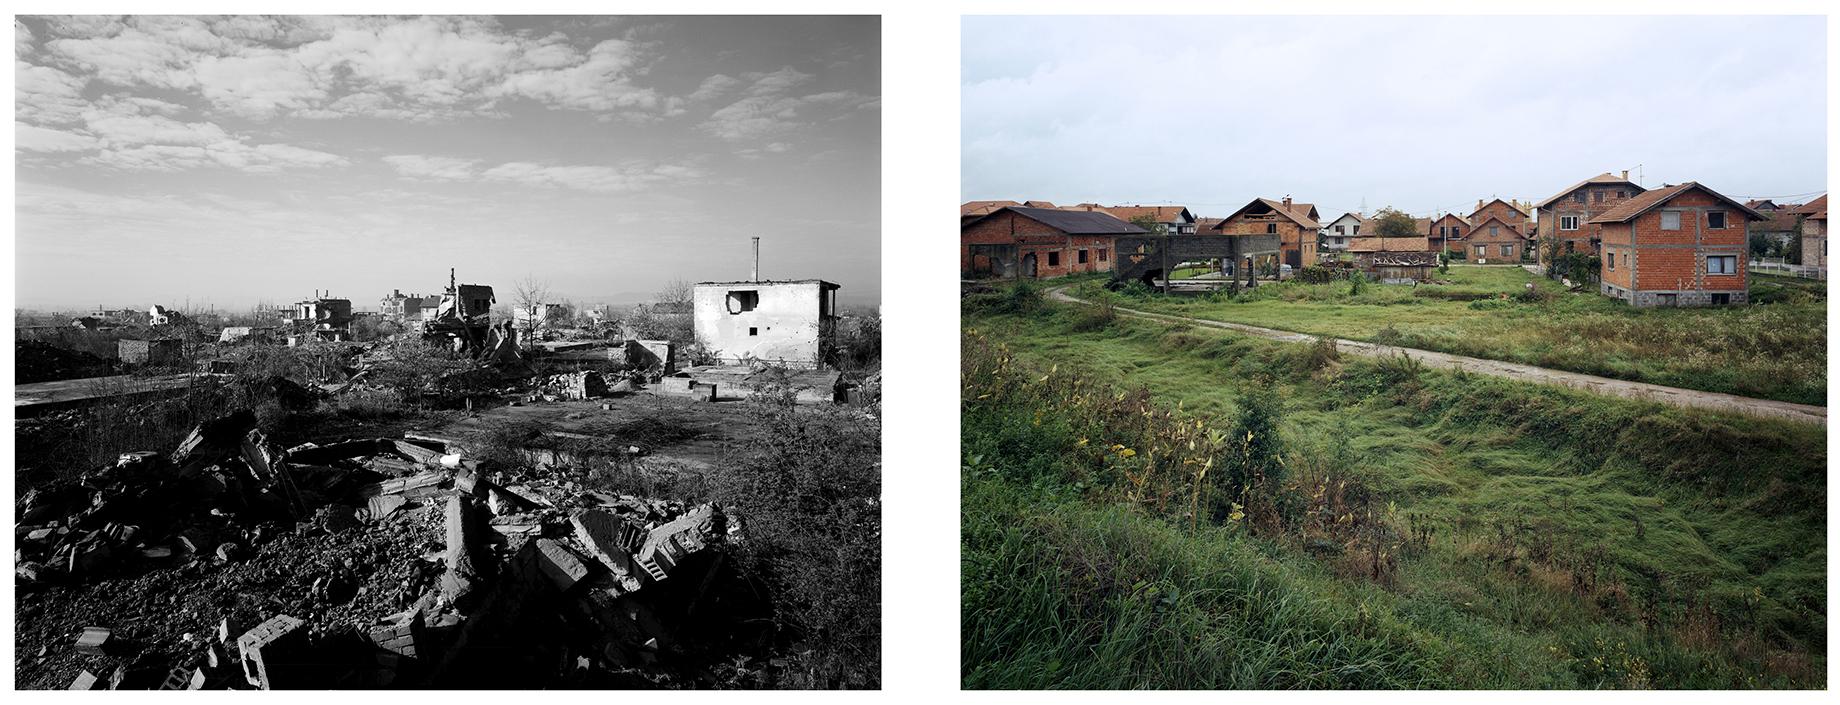 BRCKO, Rijeka district. 1996 & 2005